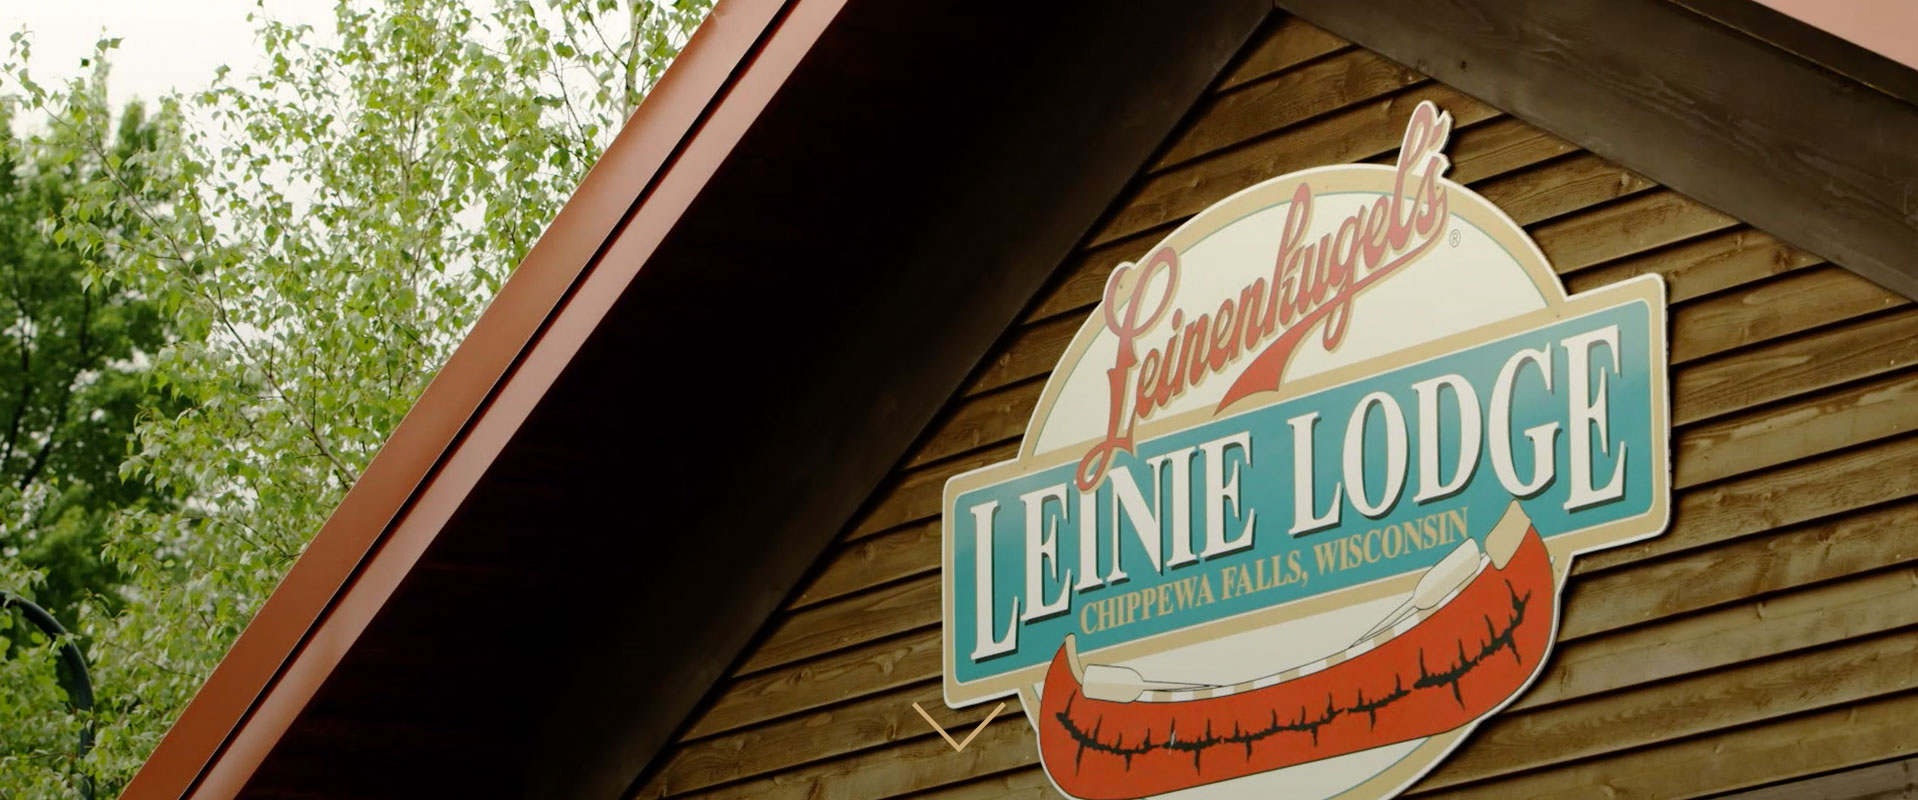 Leinie Lodge Banner